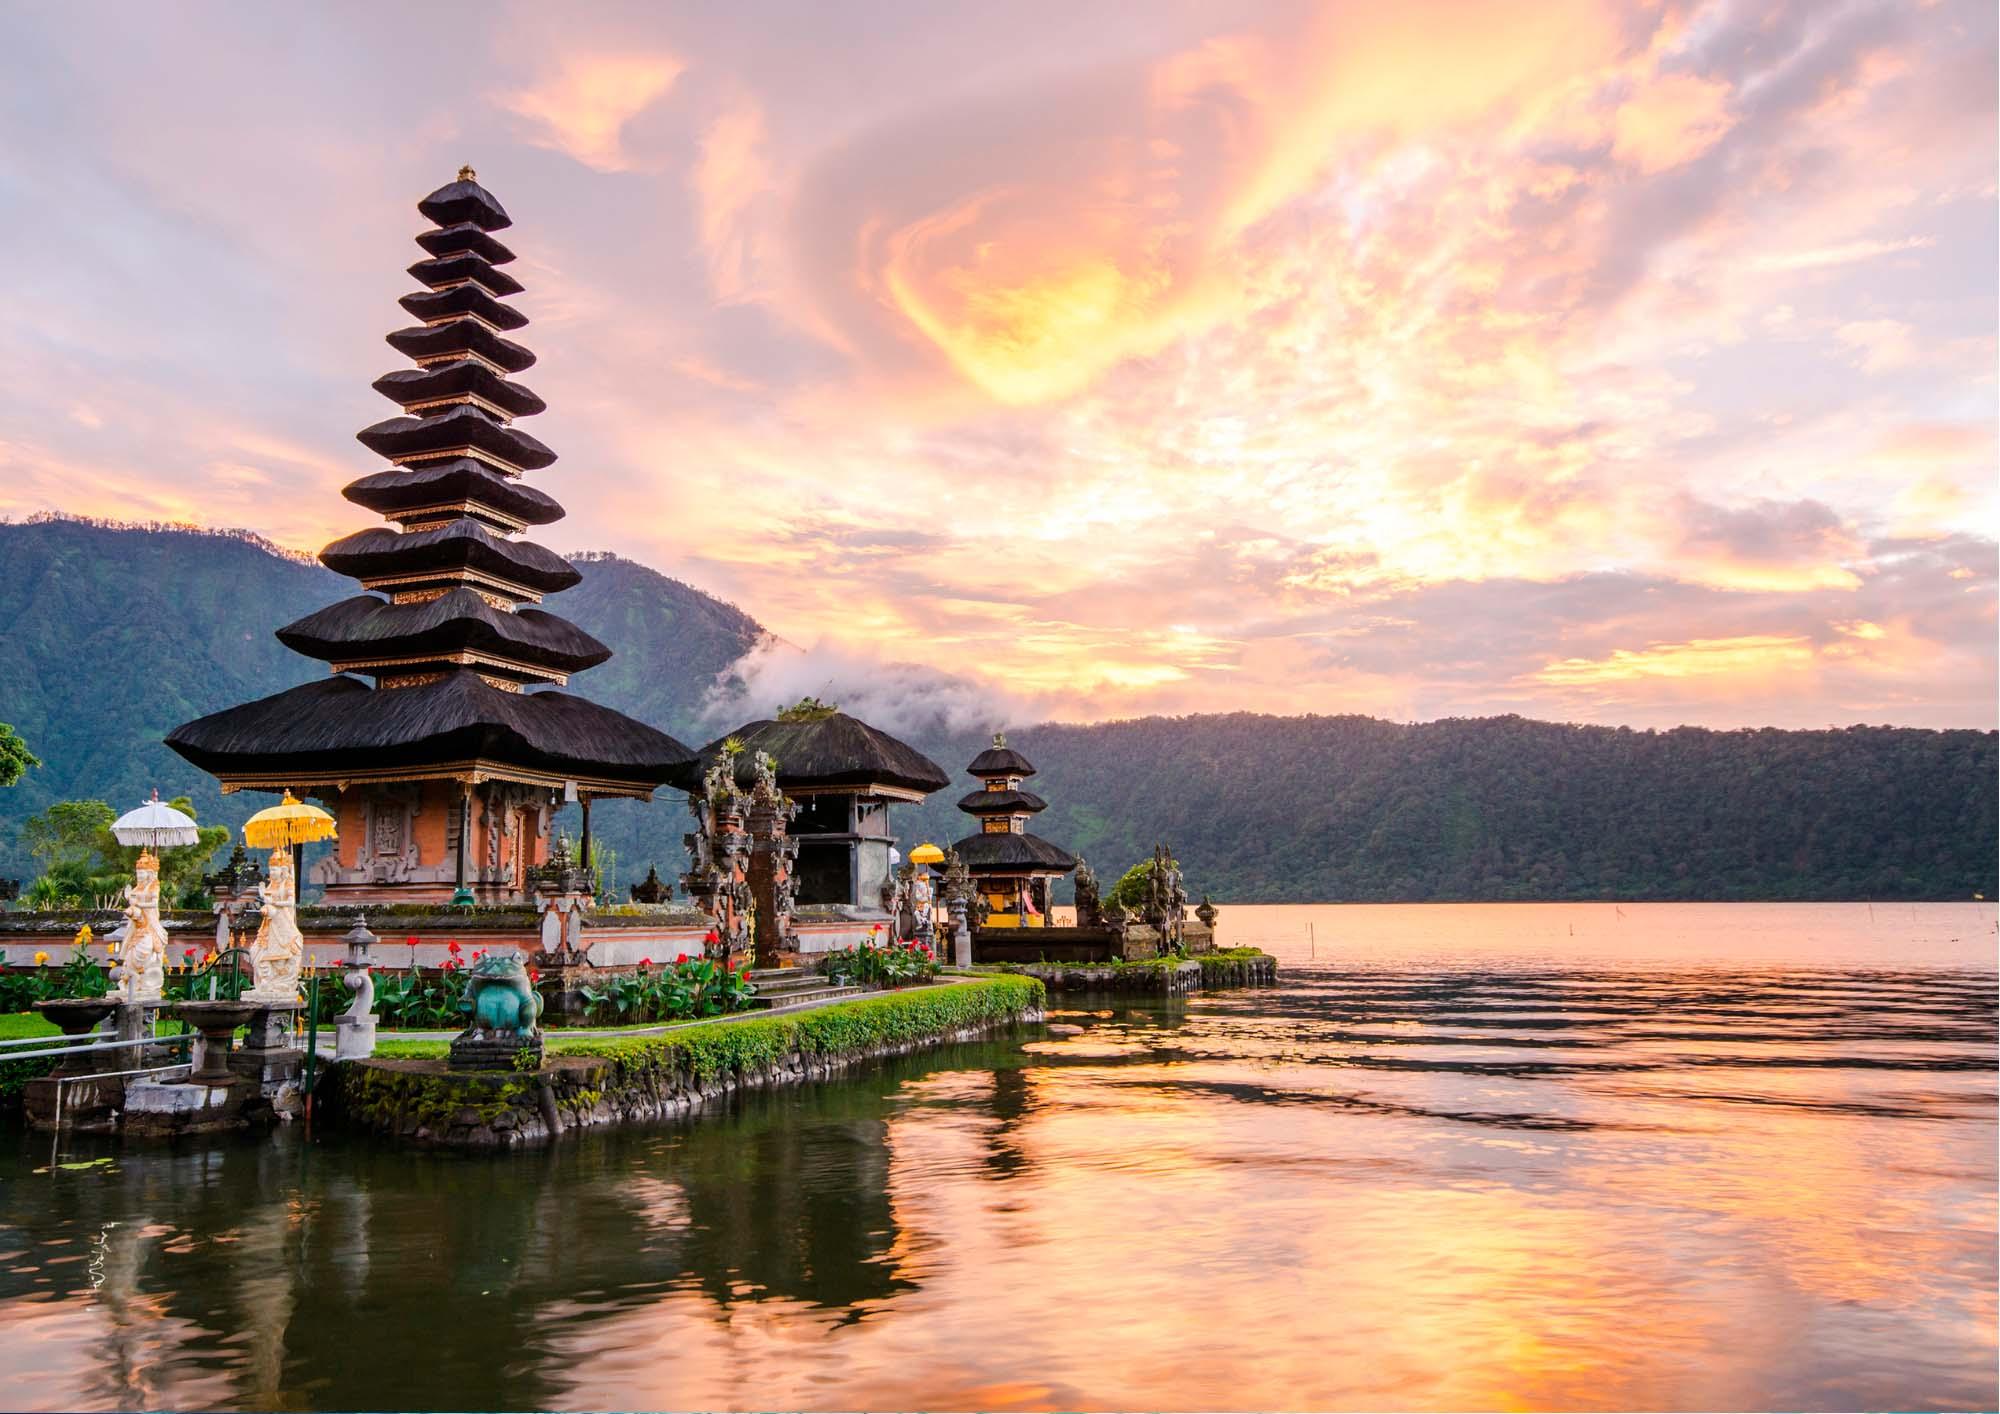 Un tempio in mezzo alle acque al tramonto circondato dalle montagne